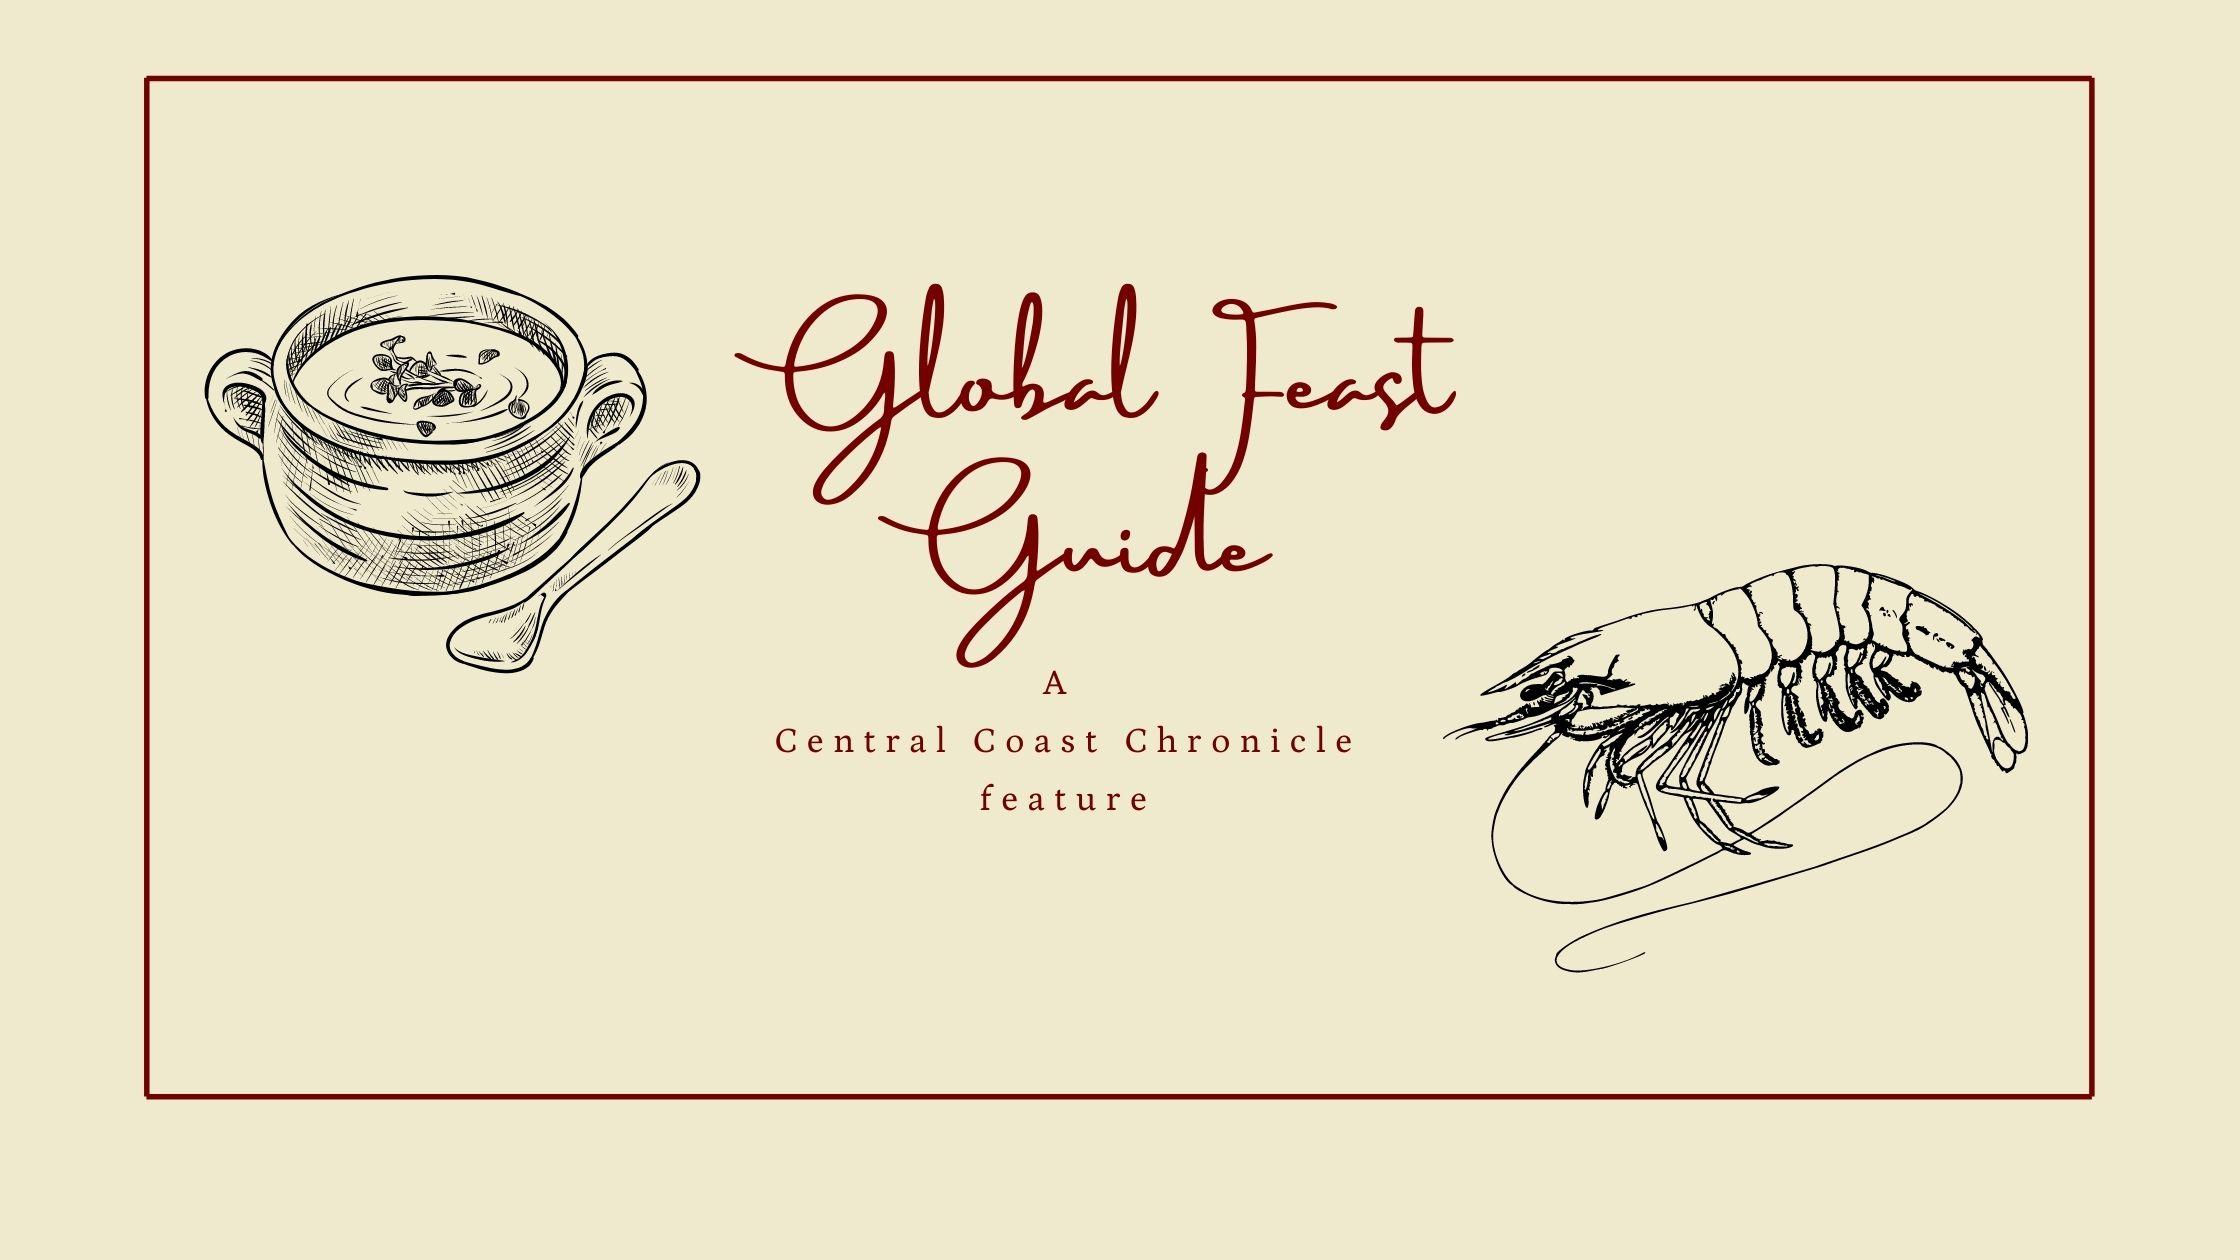 Global Feast Guide